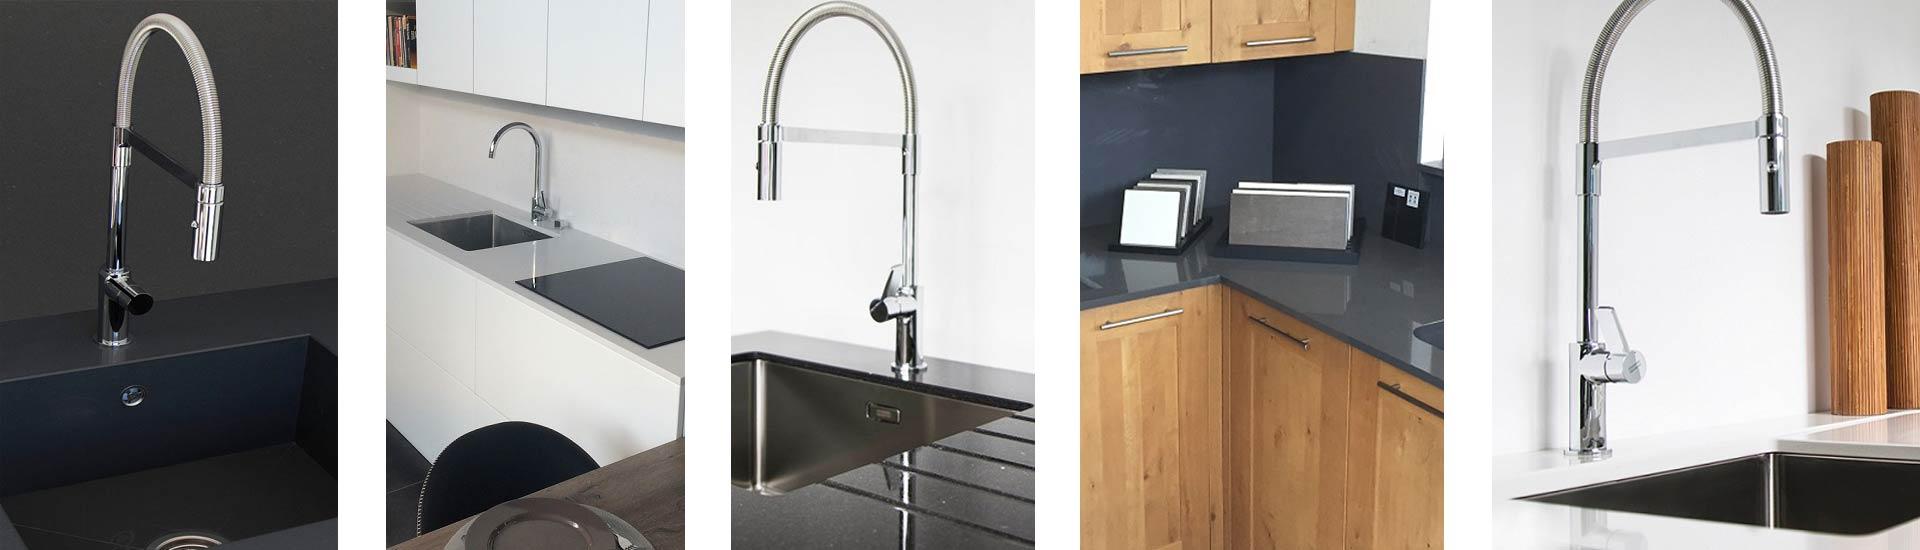 Showroom plan de travail éviers cuisine salle de bain blanc noir